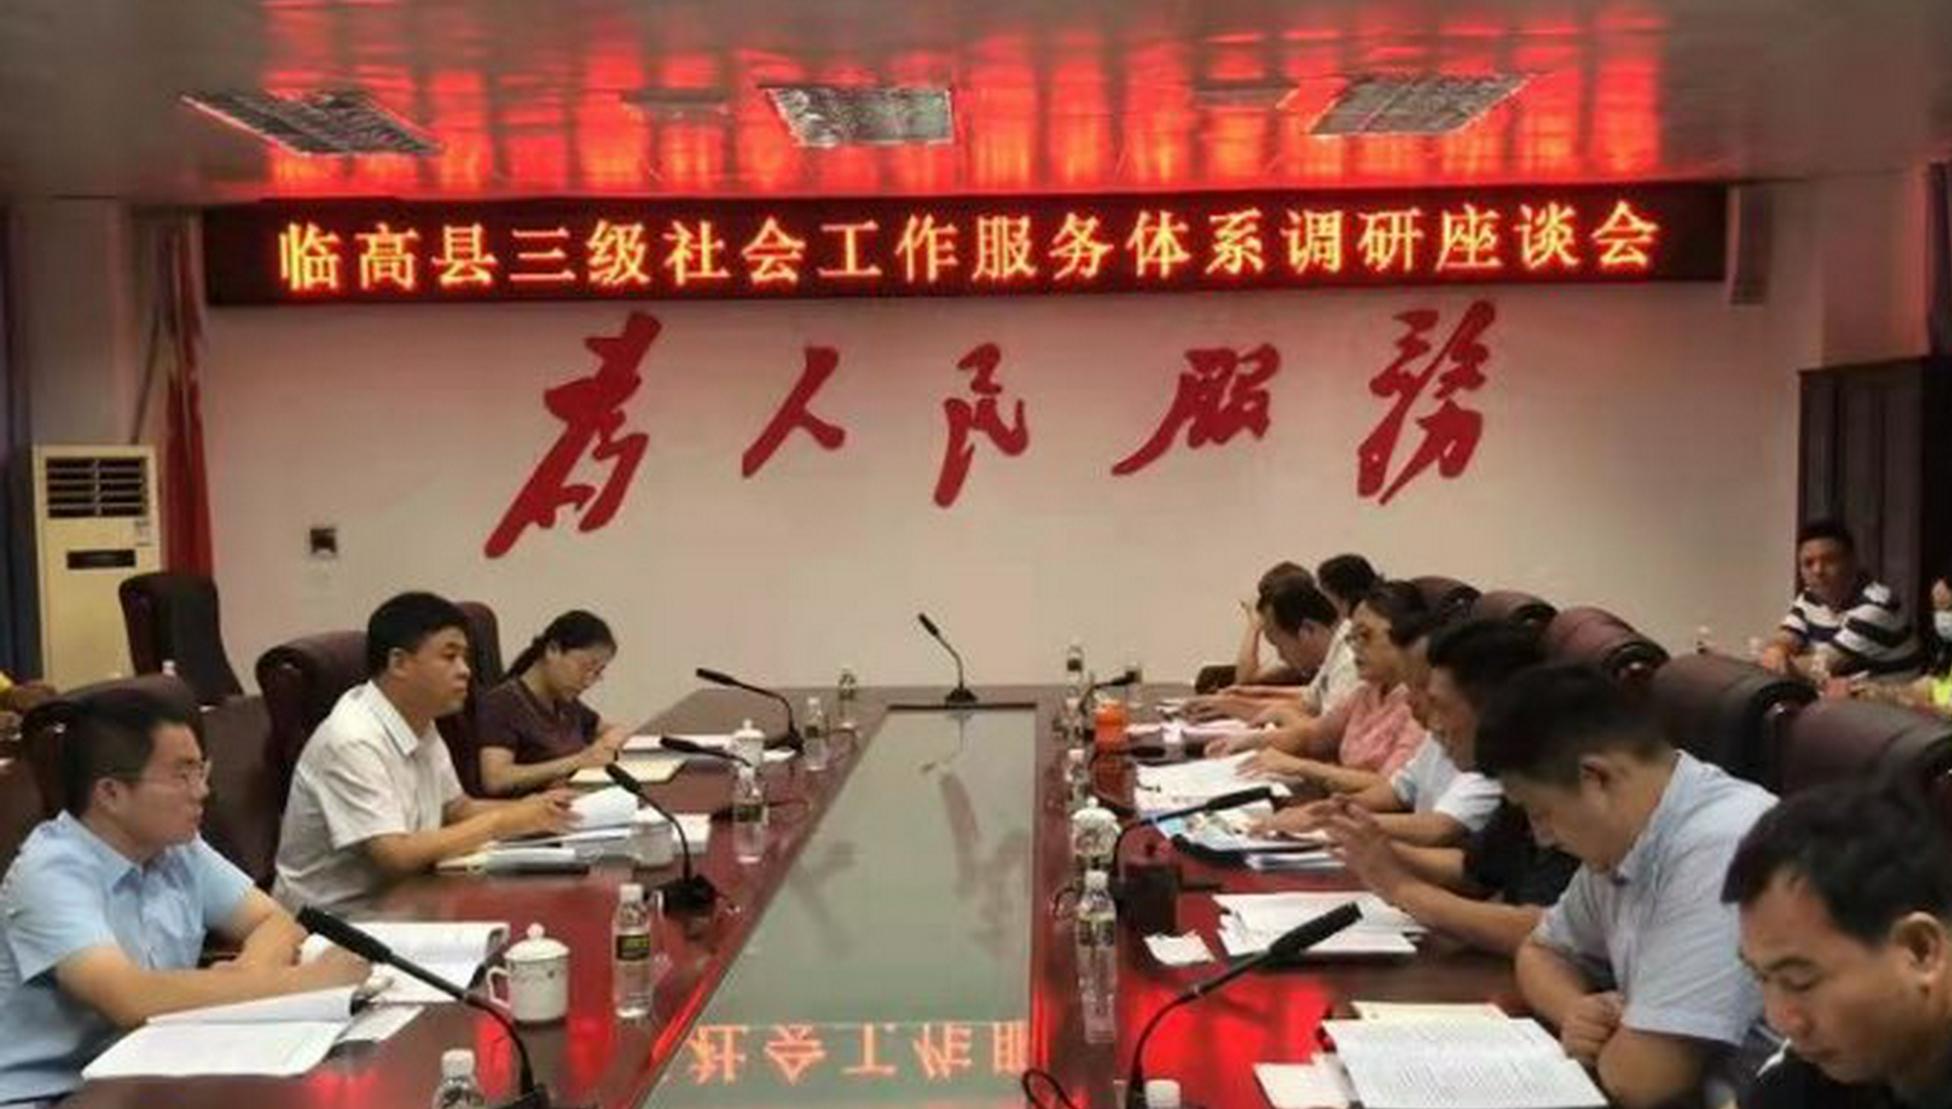 海南省民政厅深入调研临高县三级社会工作服务体系建设情况